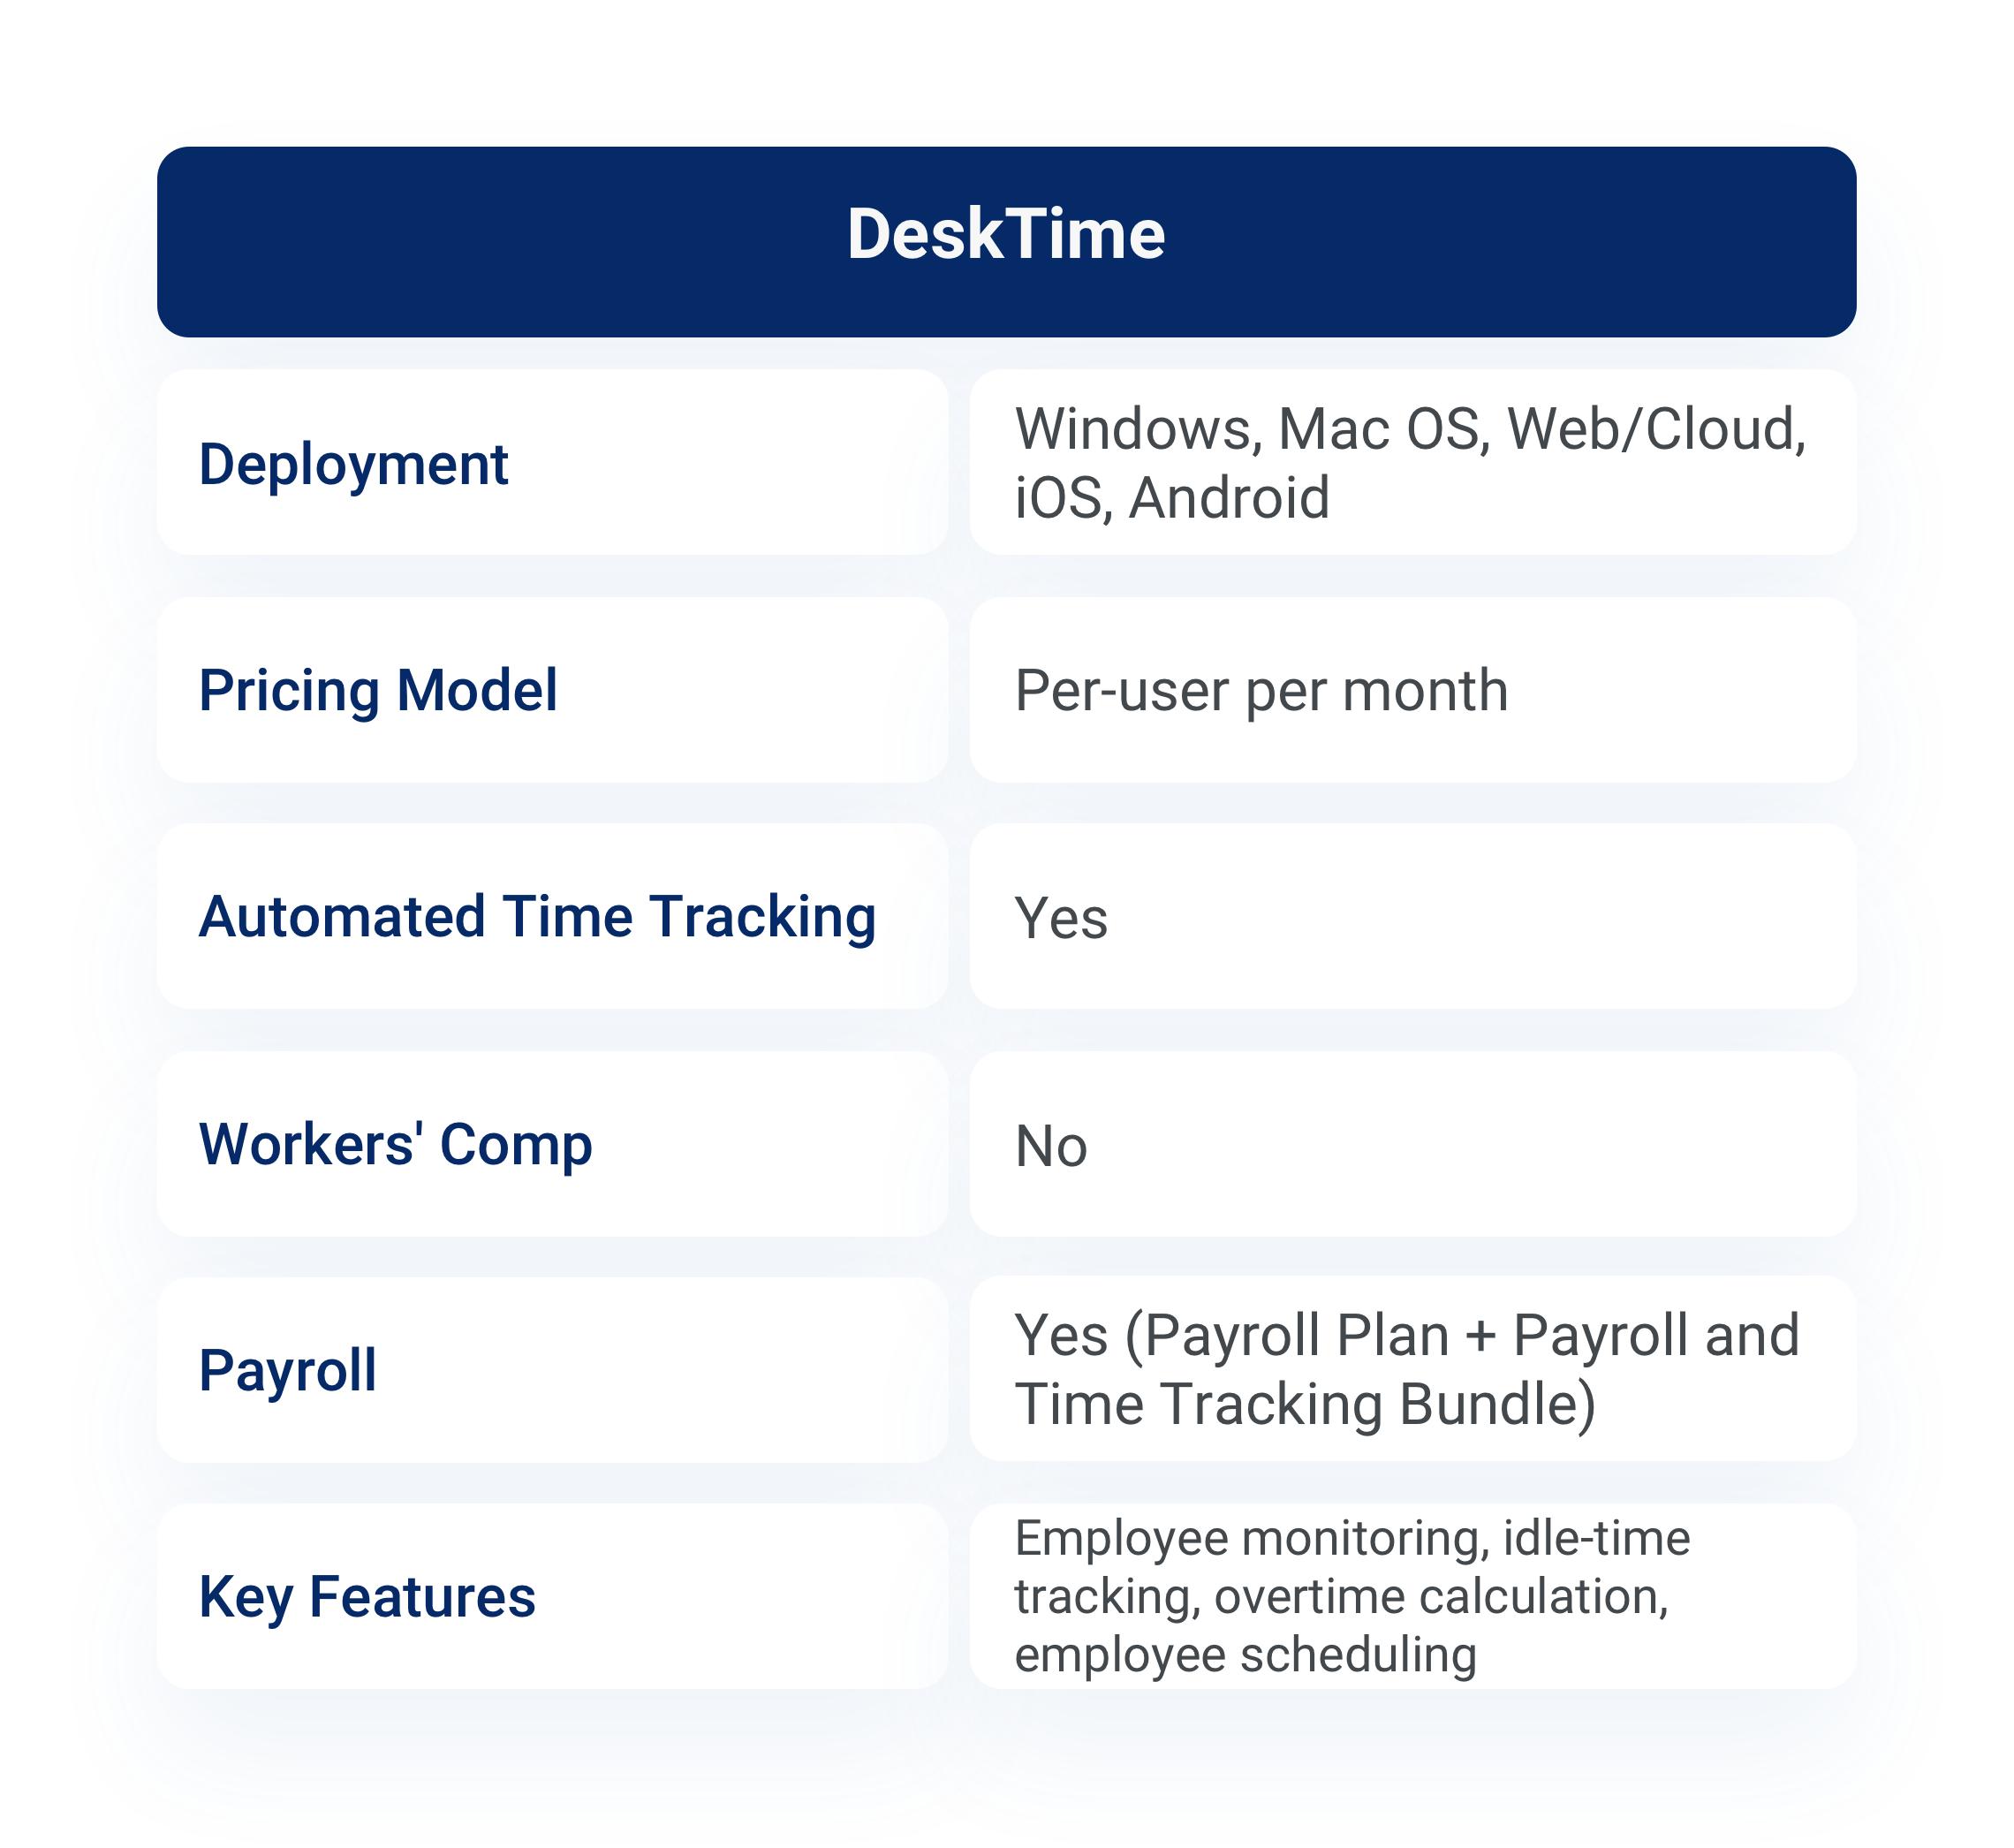 DeskTime product description